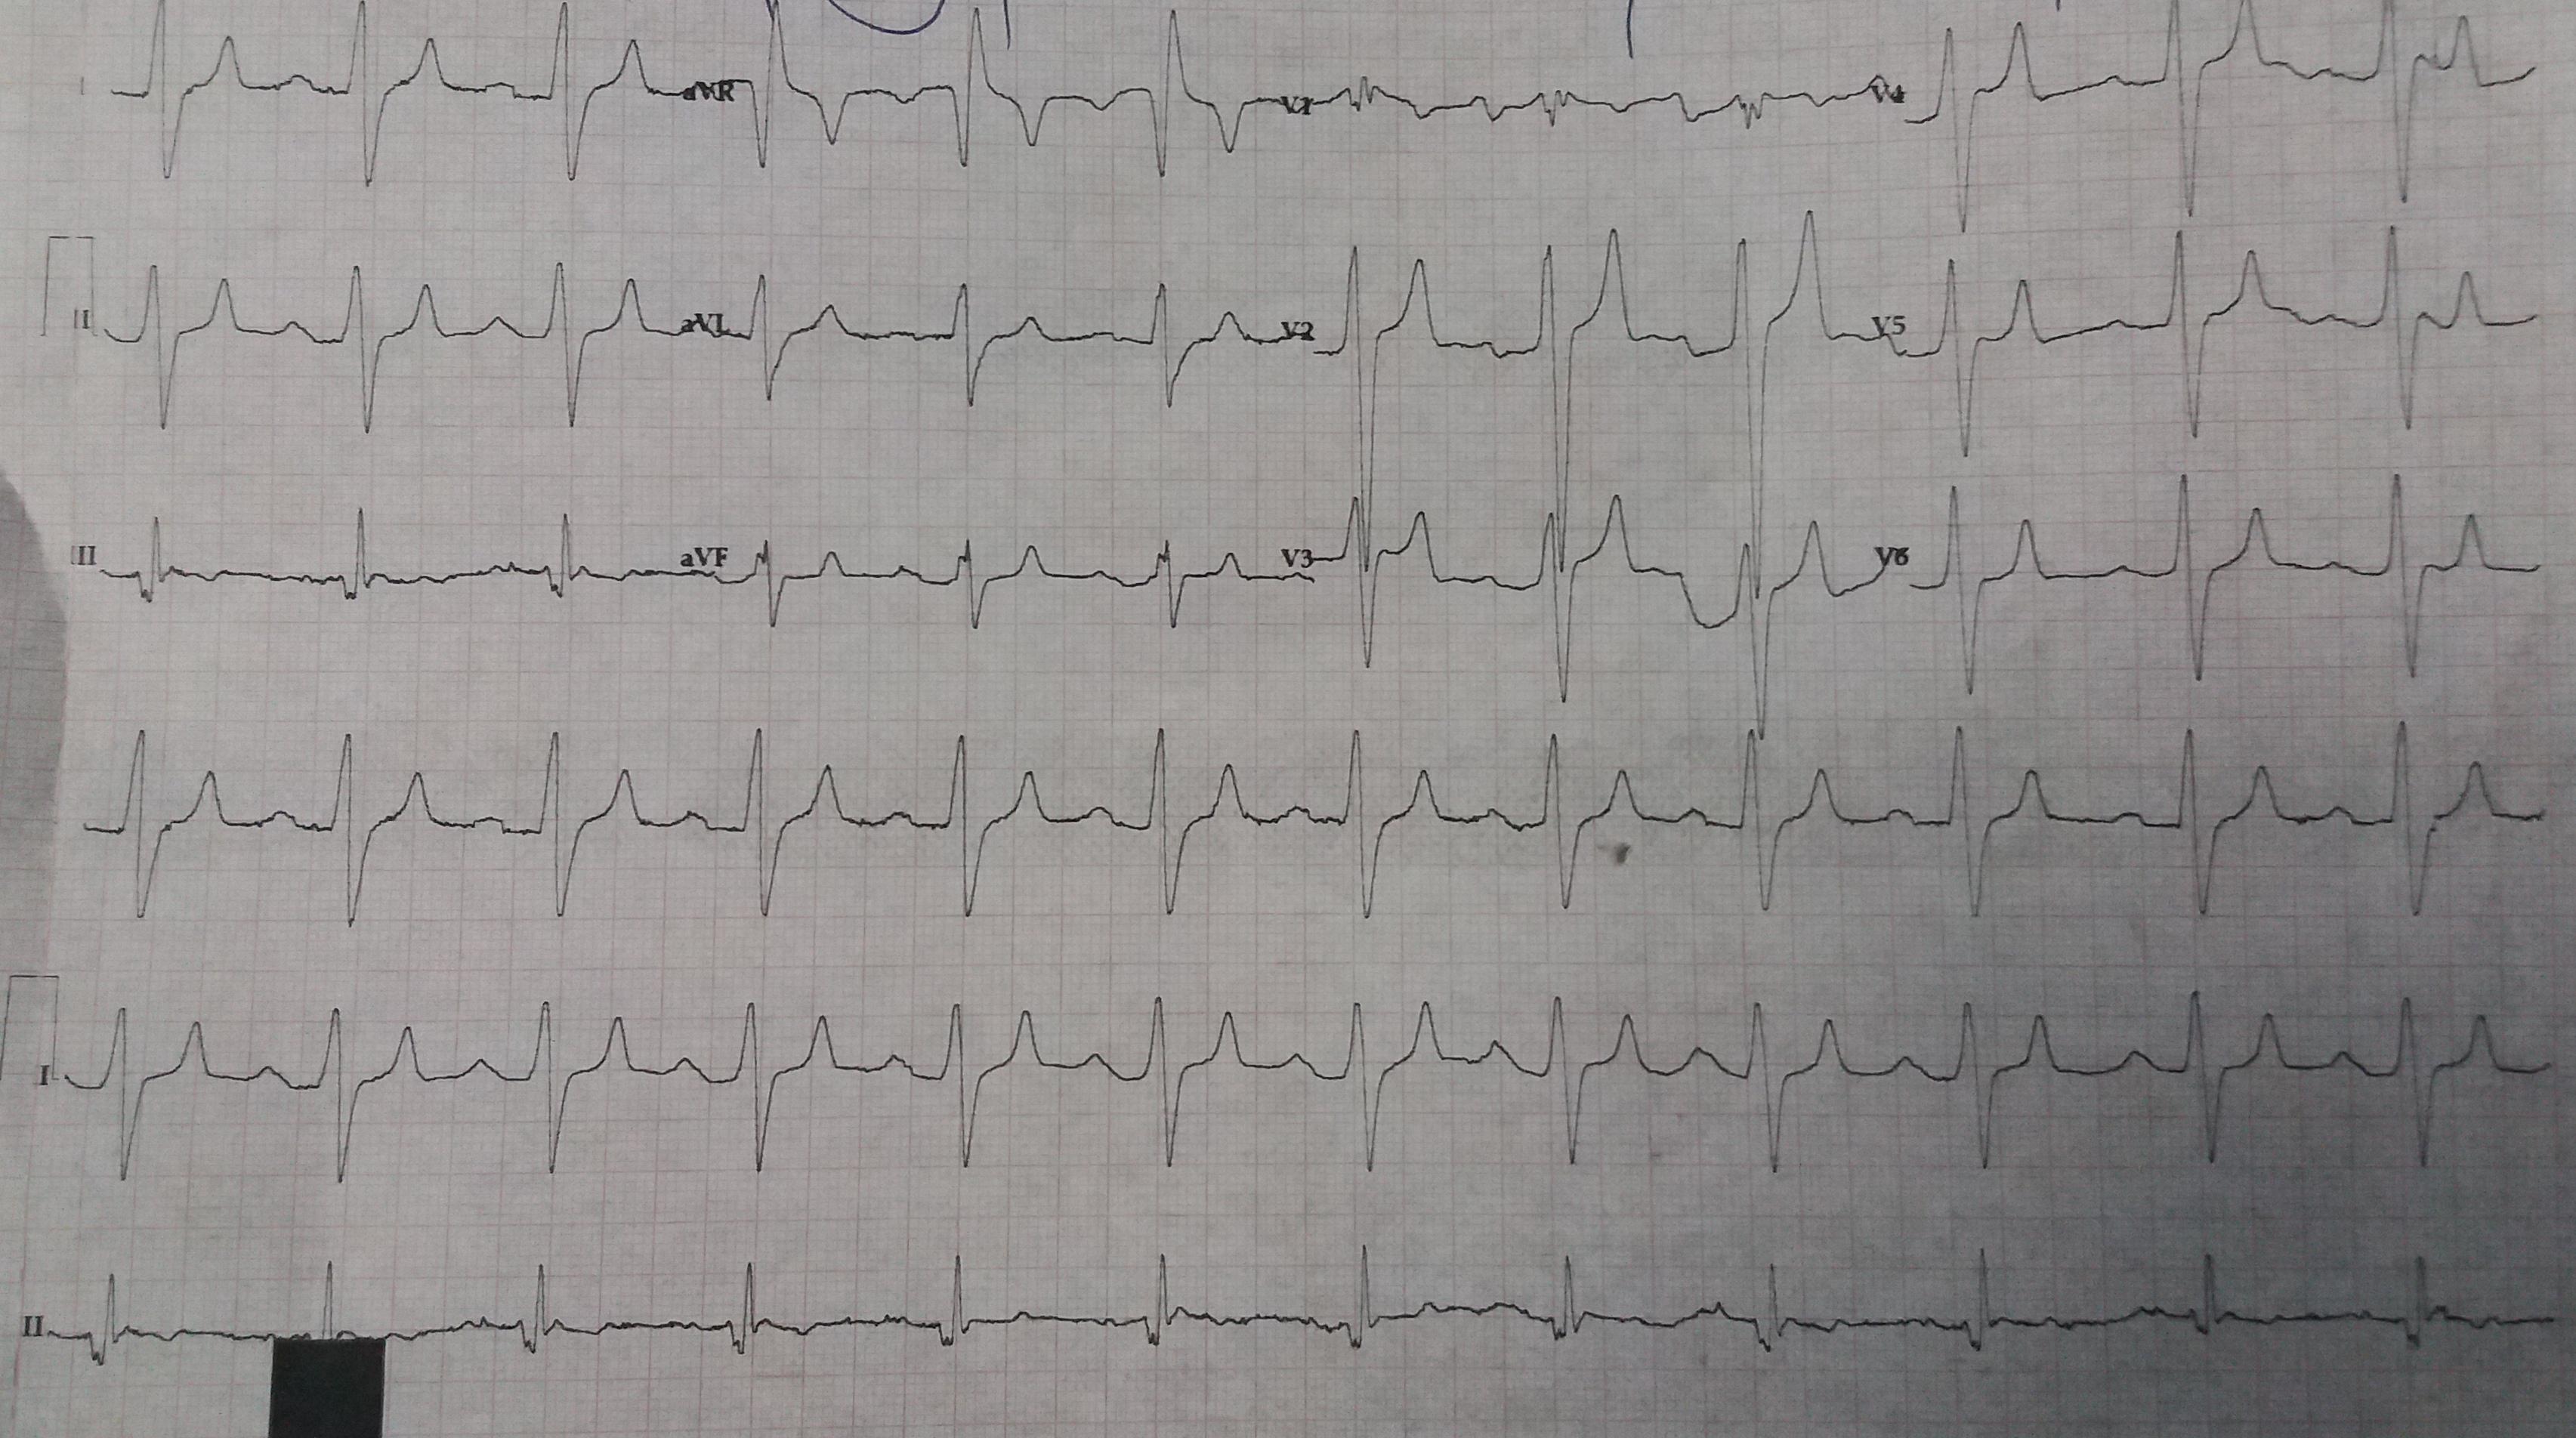 alt: Post-Treatment ECG Data